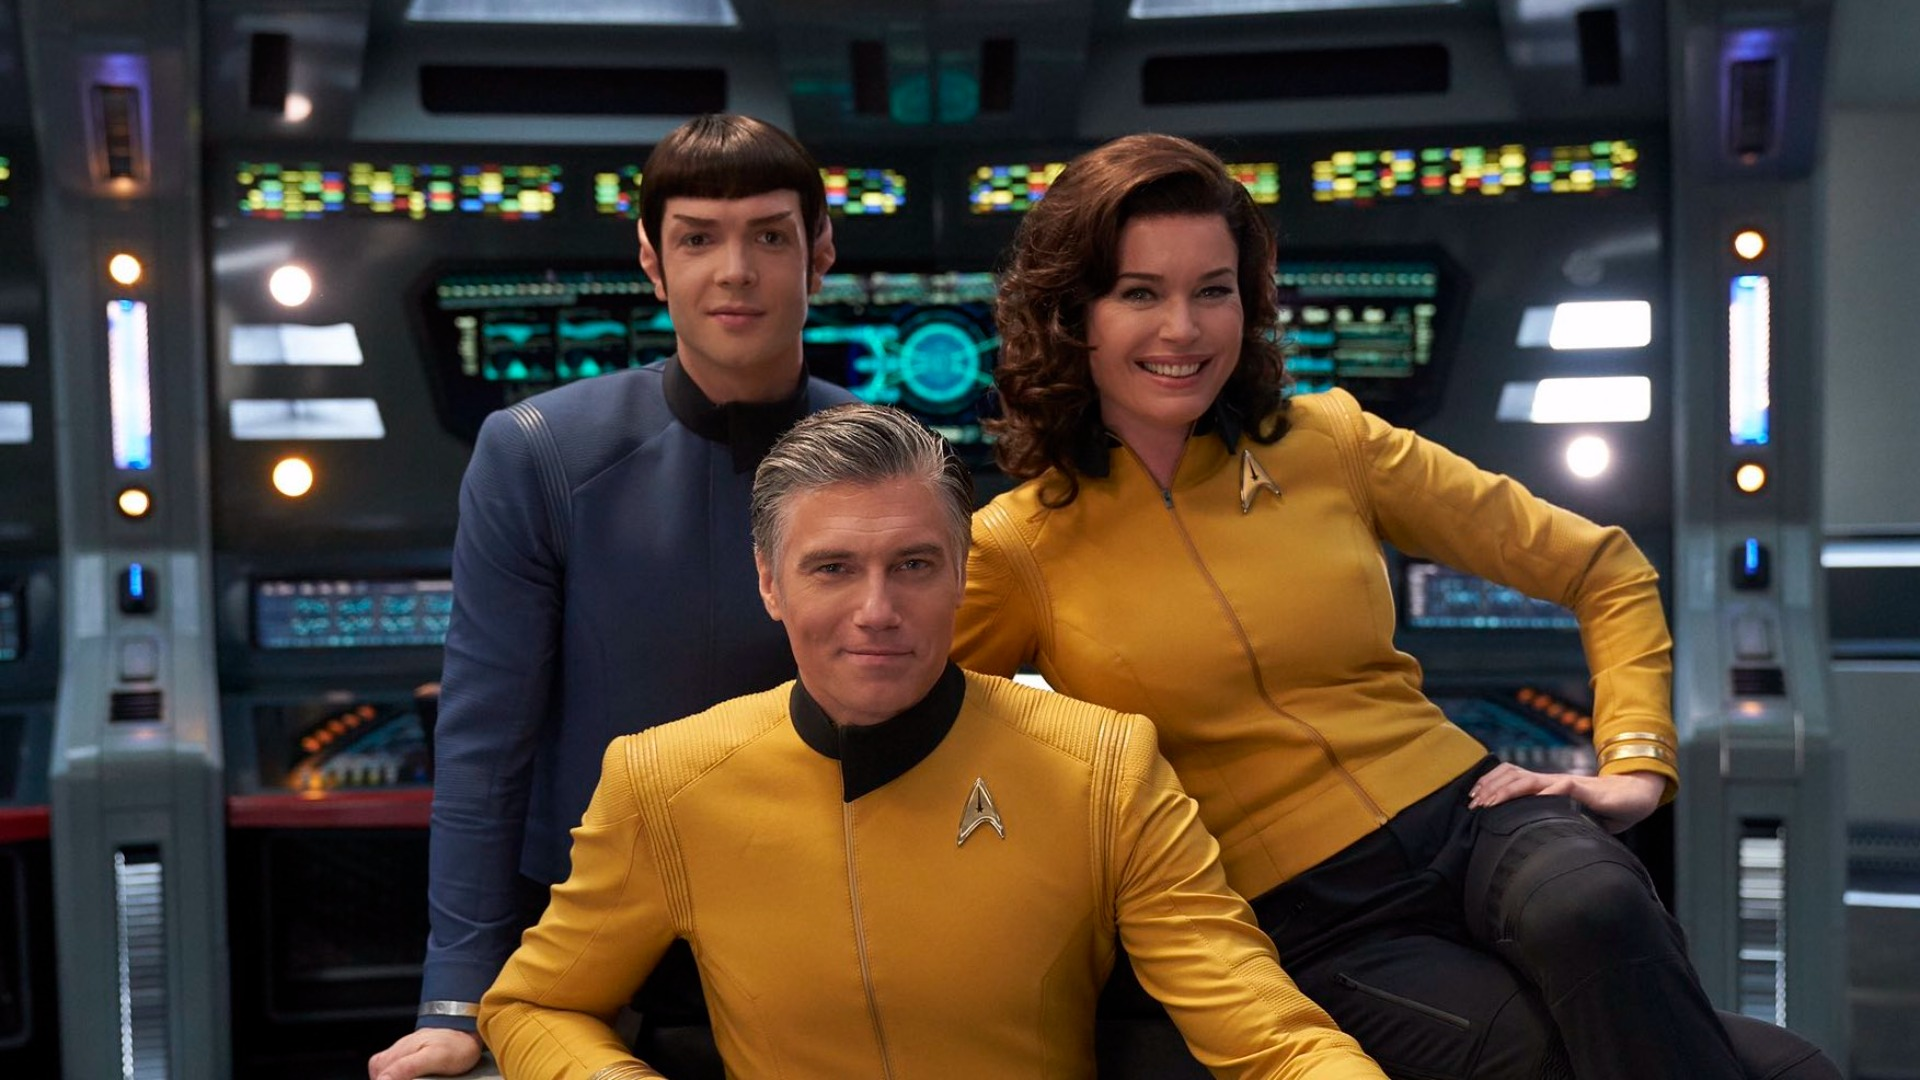 Star Trek: Strange New Worlds Plot Details Revealed